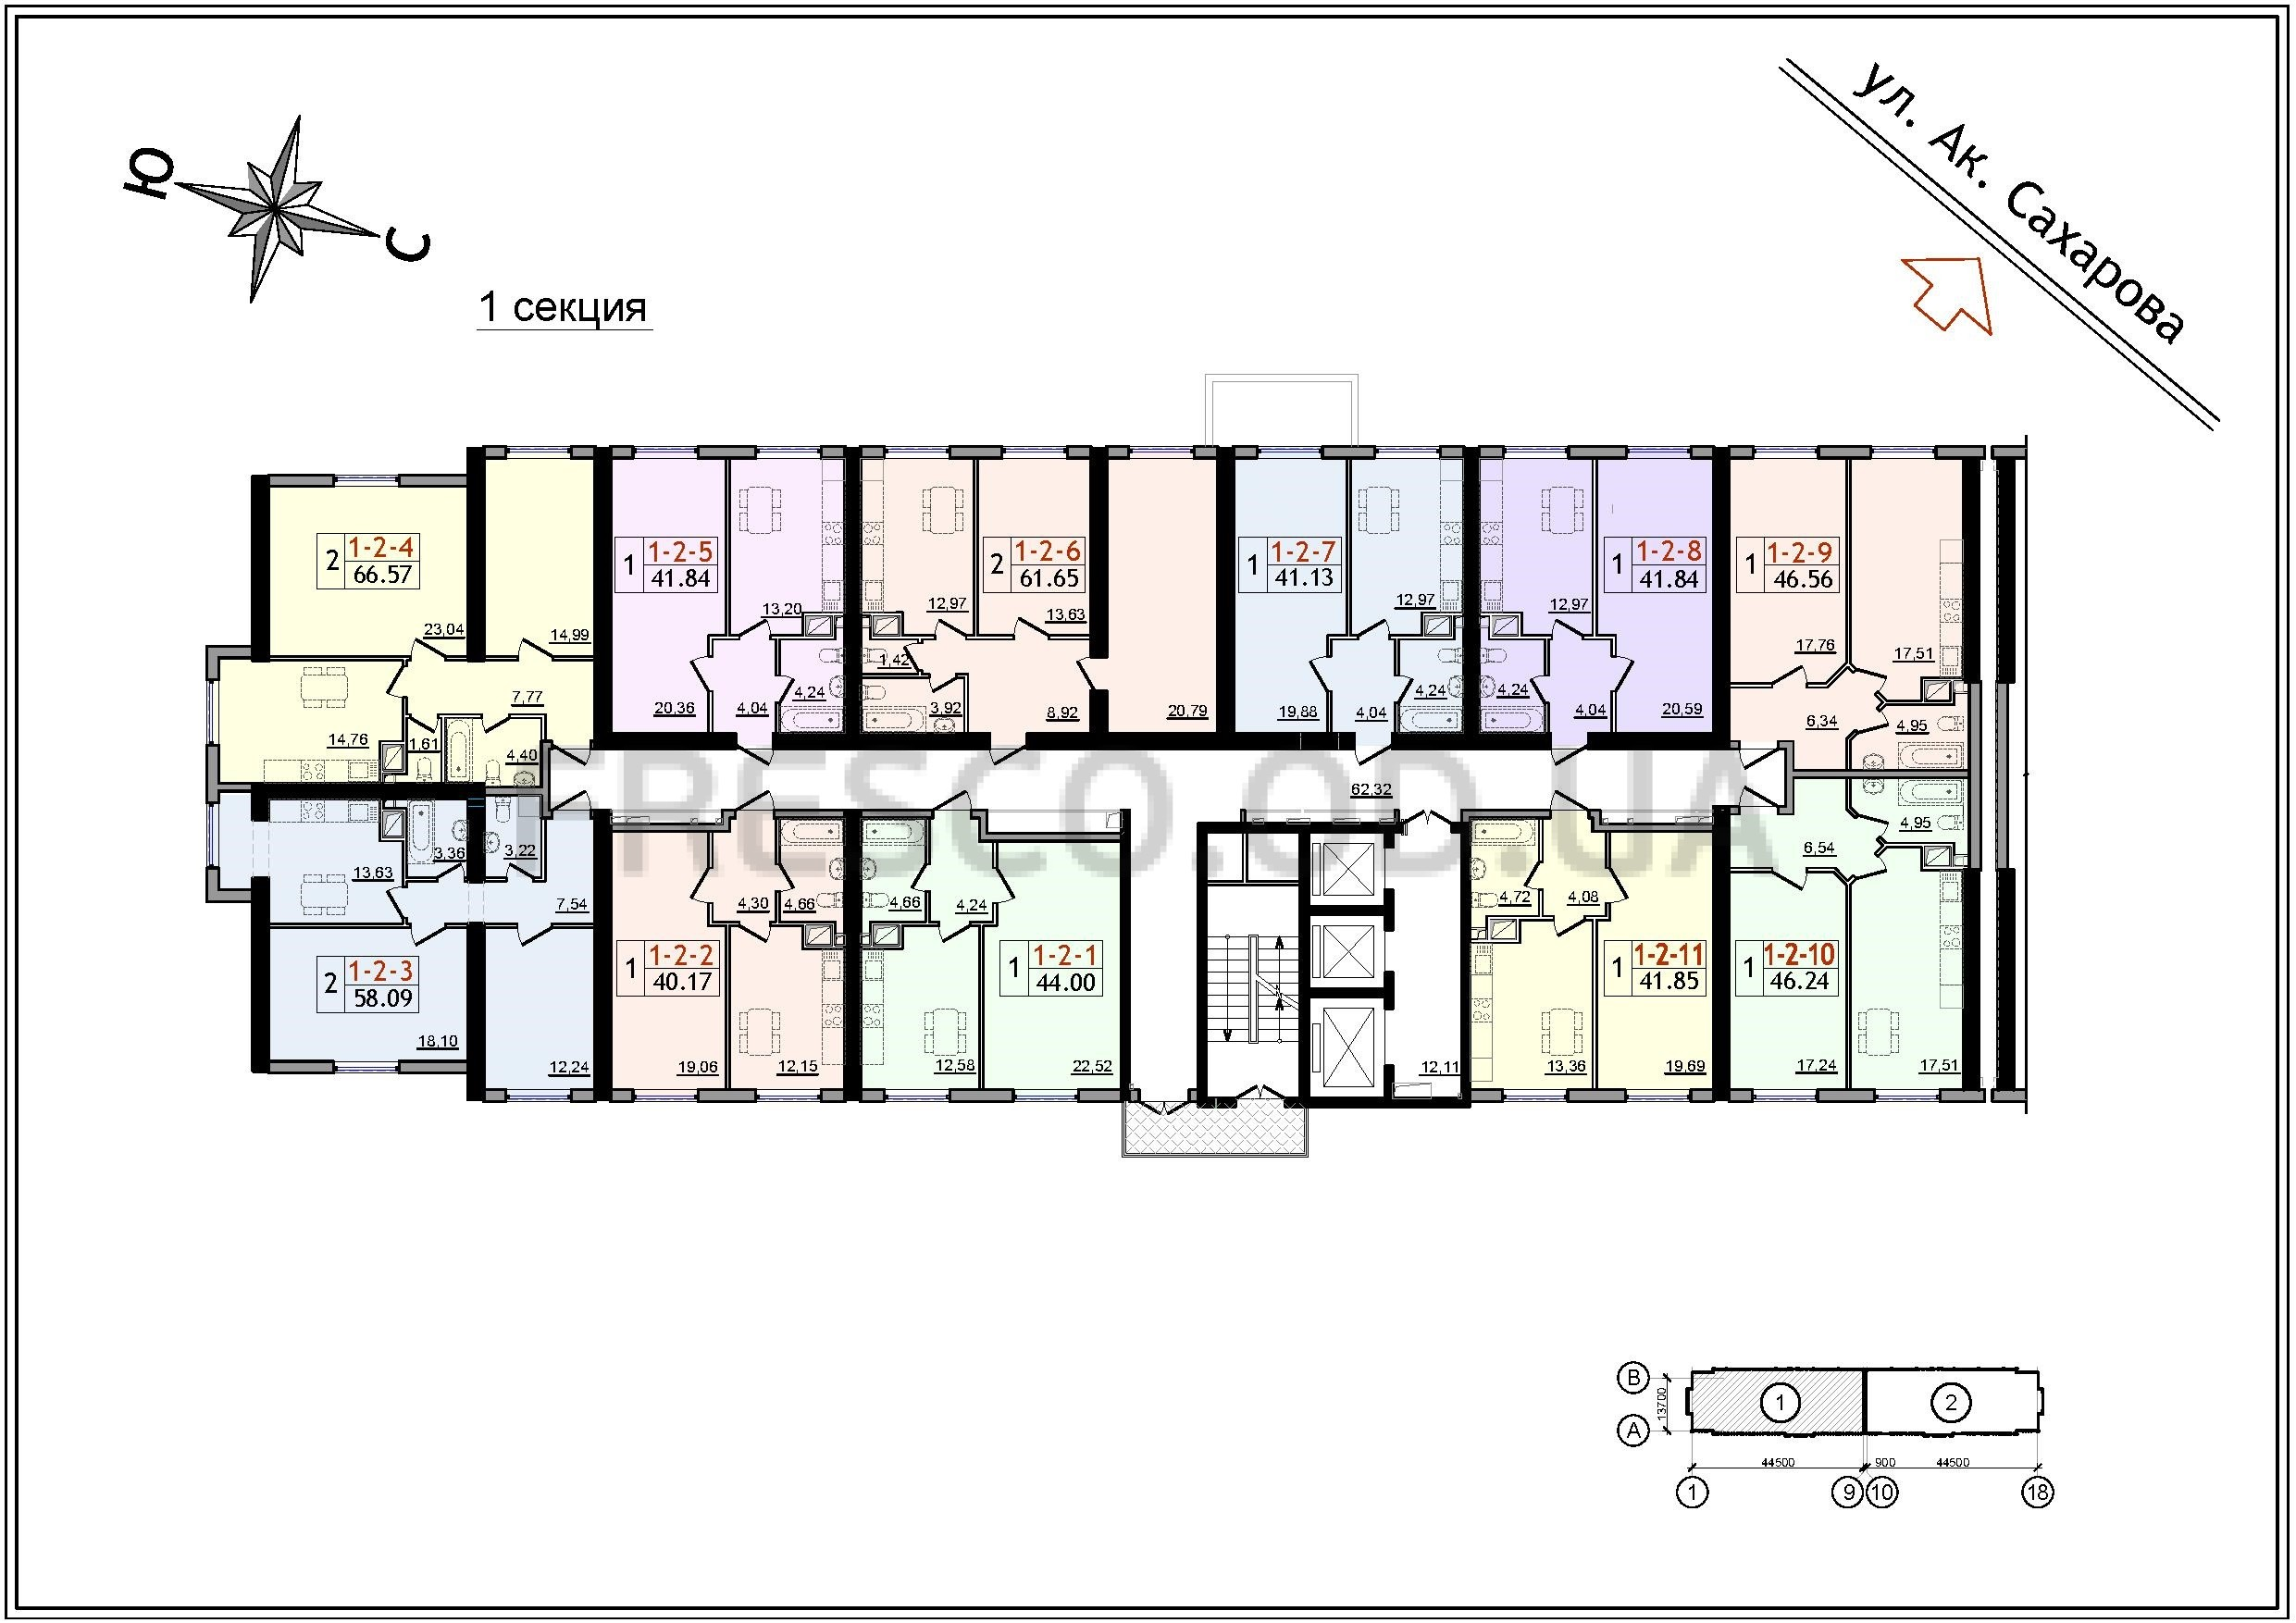 ЖК 54 Жемчужина 1 секция план типового этажа